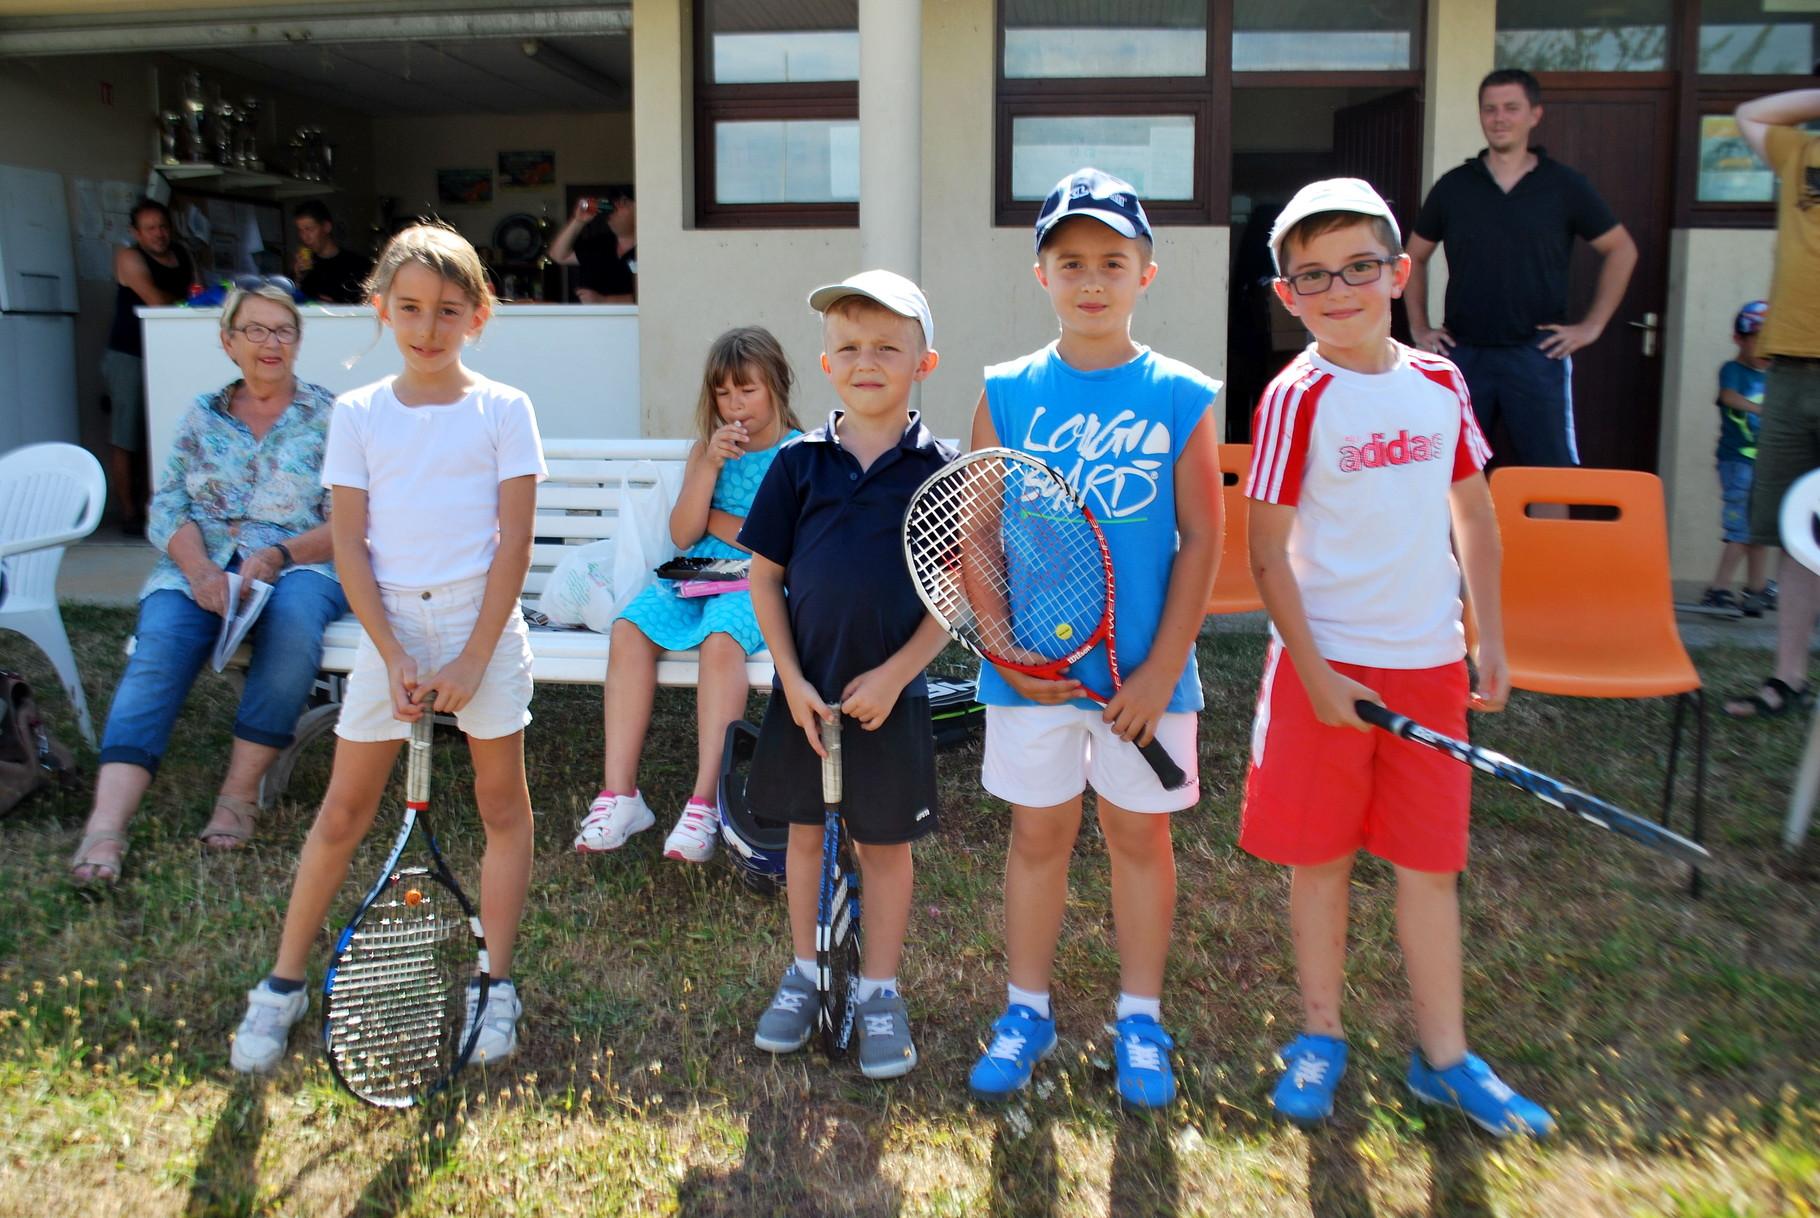 Les 8 ans : de g. à droite : Nina, Thomas, Lucas, Martin